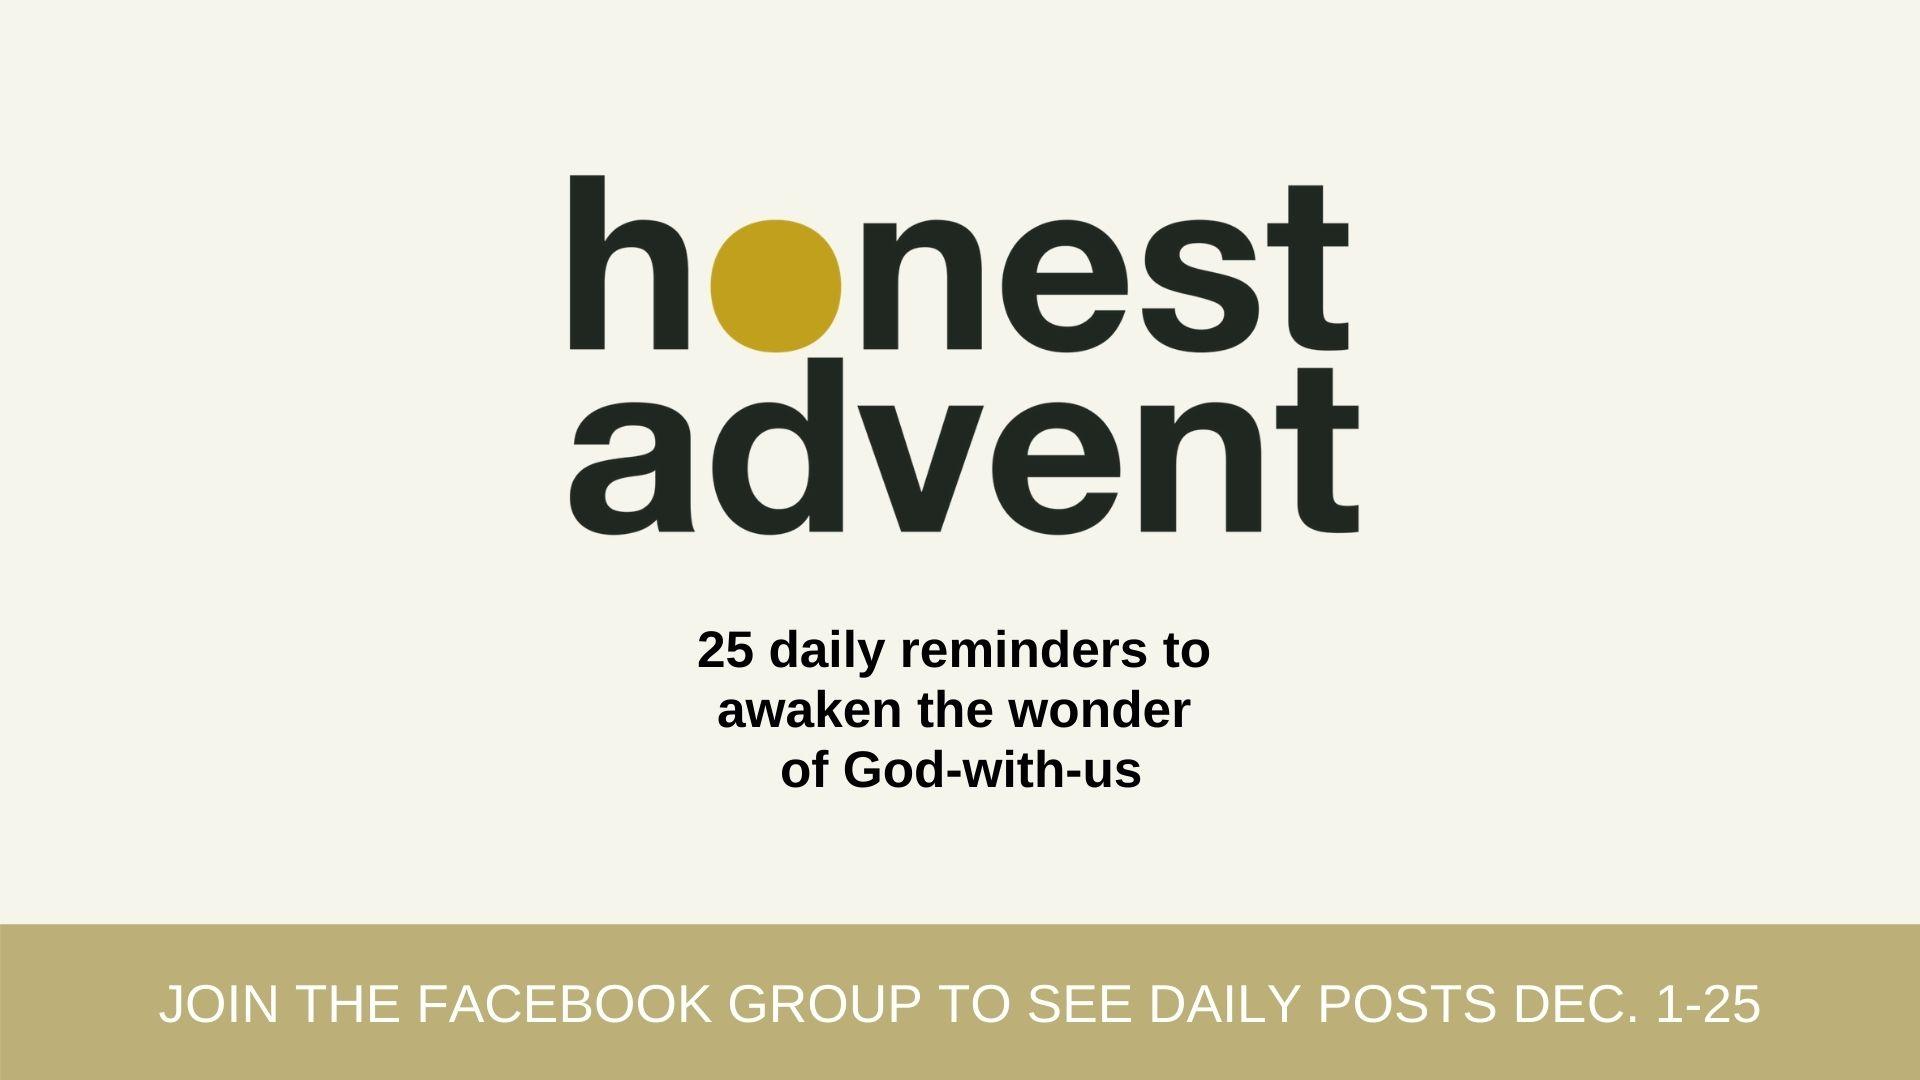 Copy of Honest Advent - wallpaper (2)